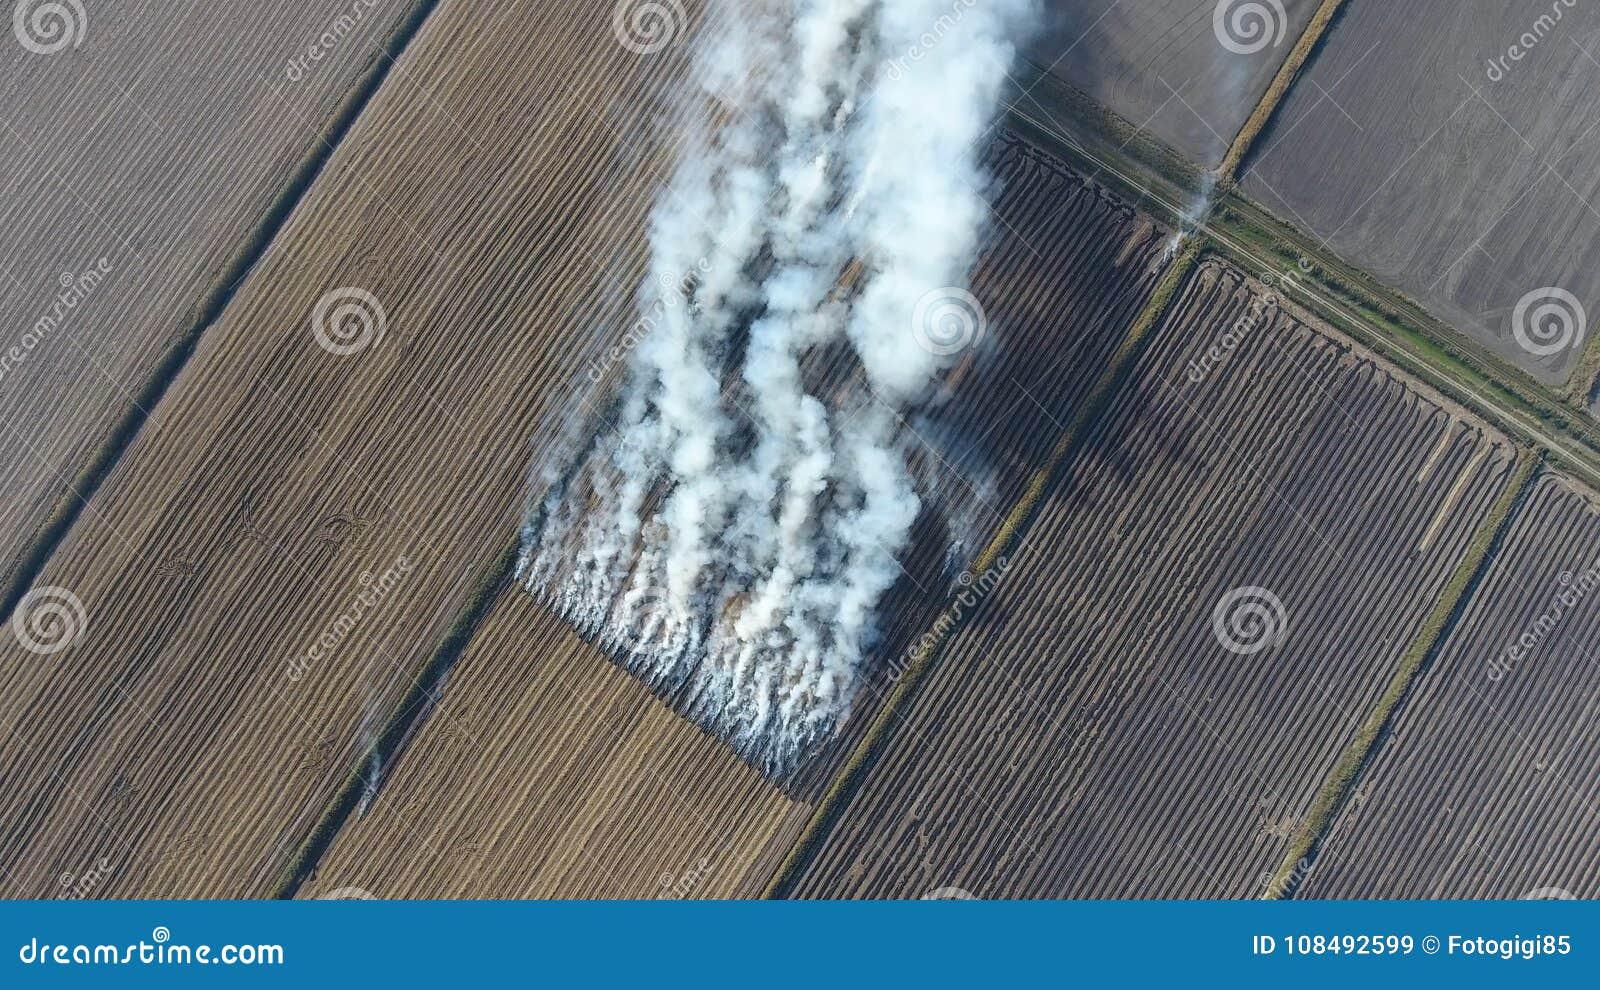 米秸杆燃烧在领域的 从米秸杆燃烧抽烟在控制中 在领域的火